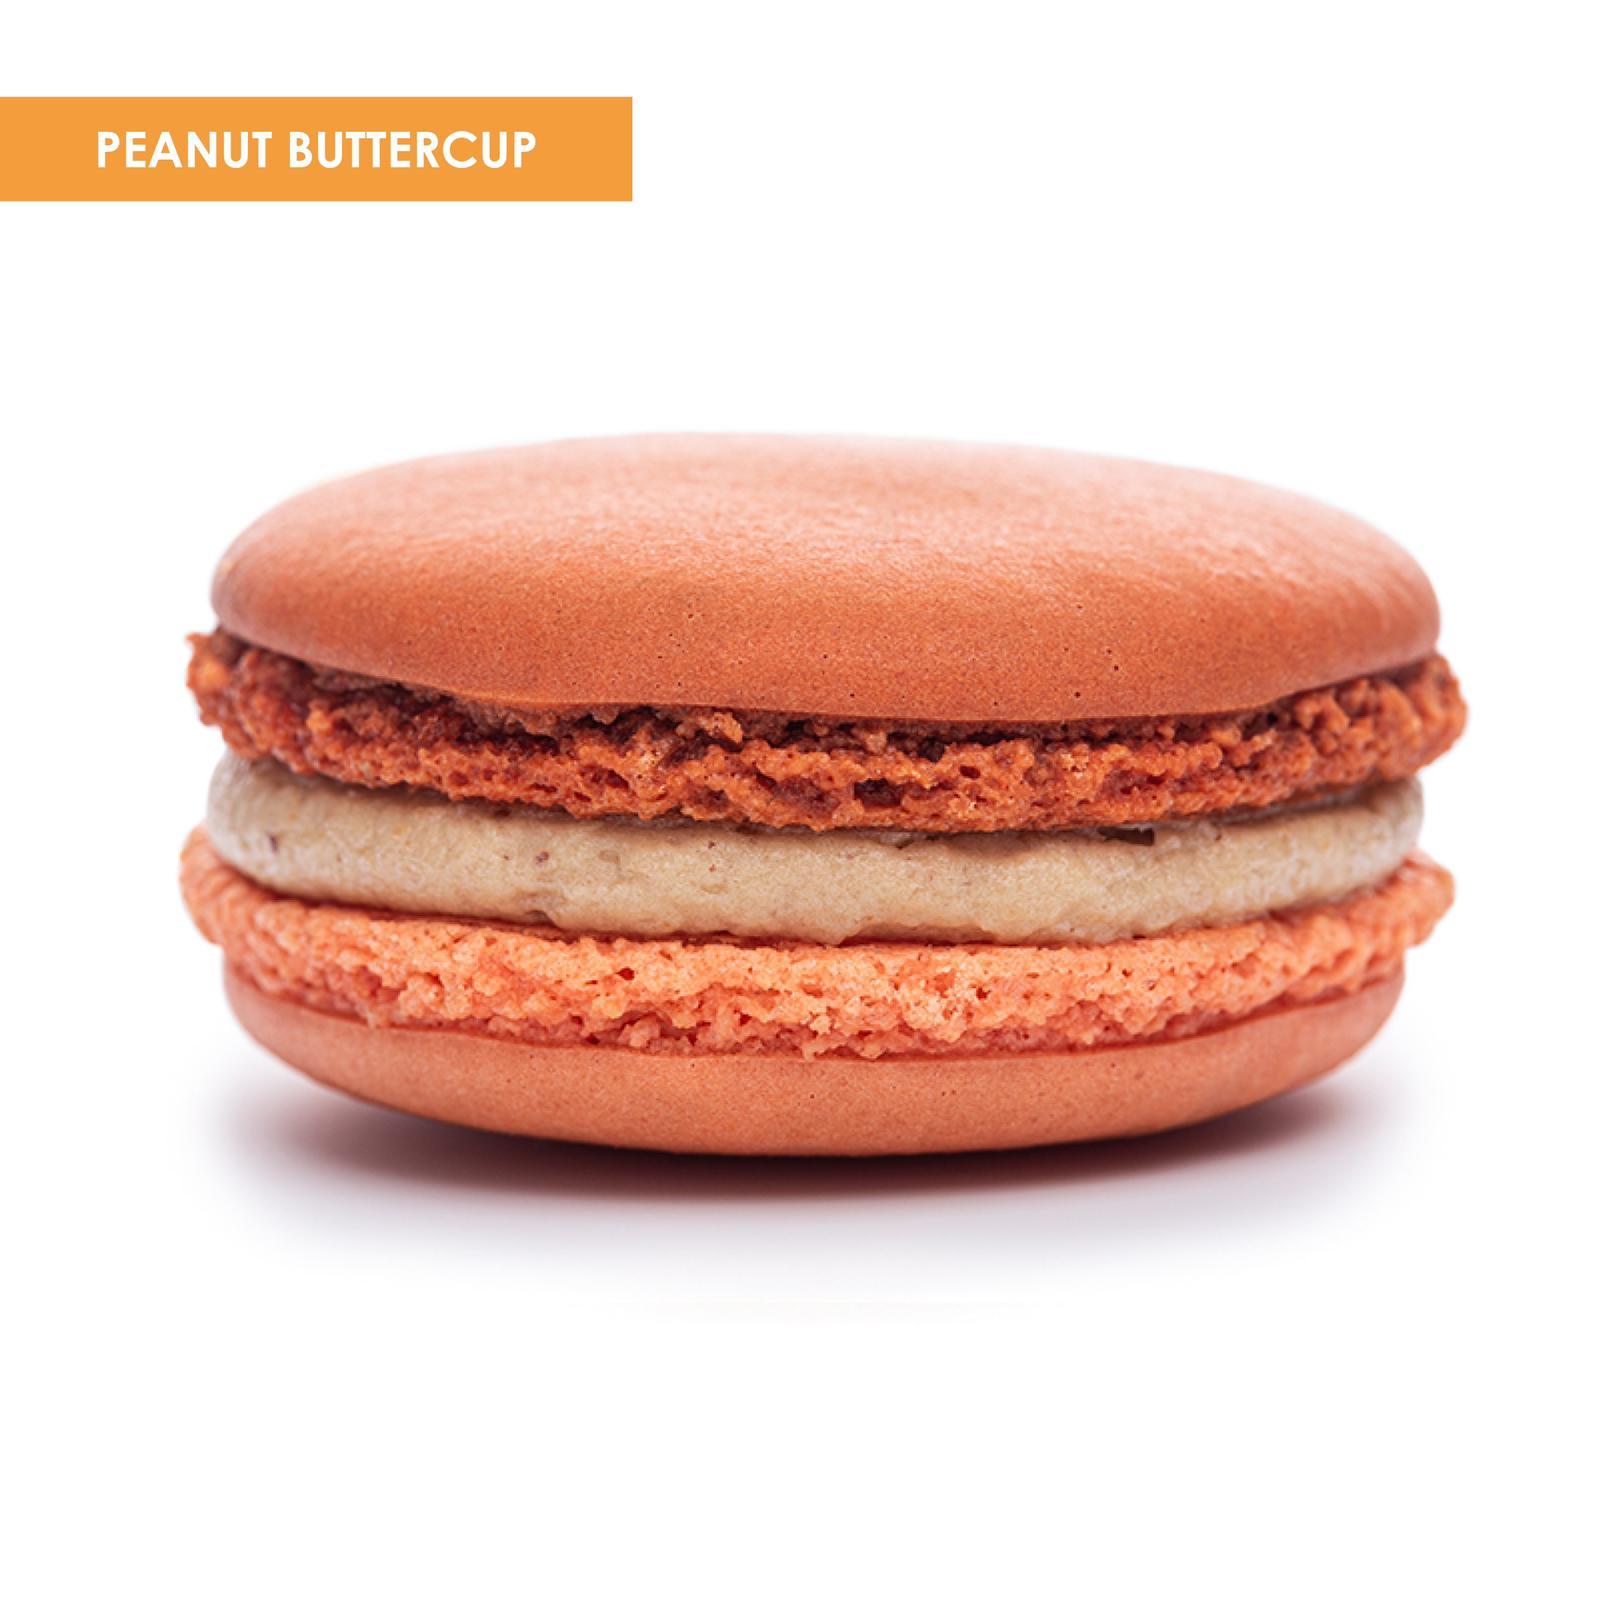 Peanut Buttercup